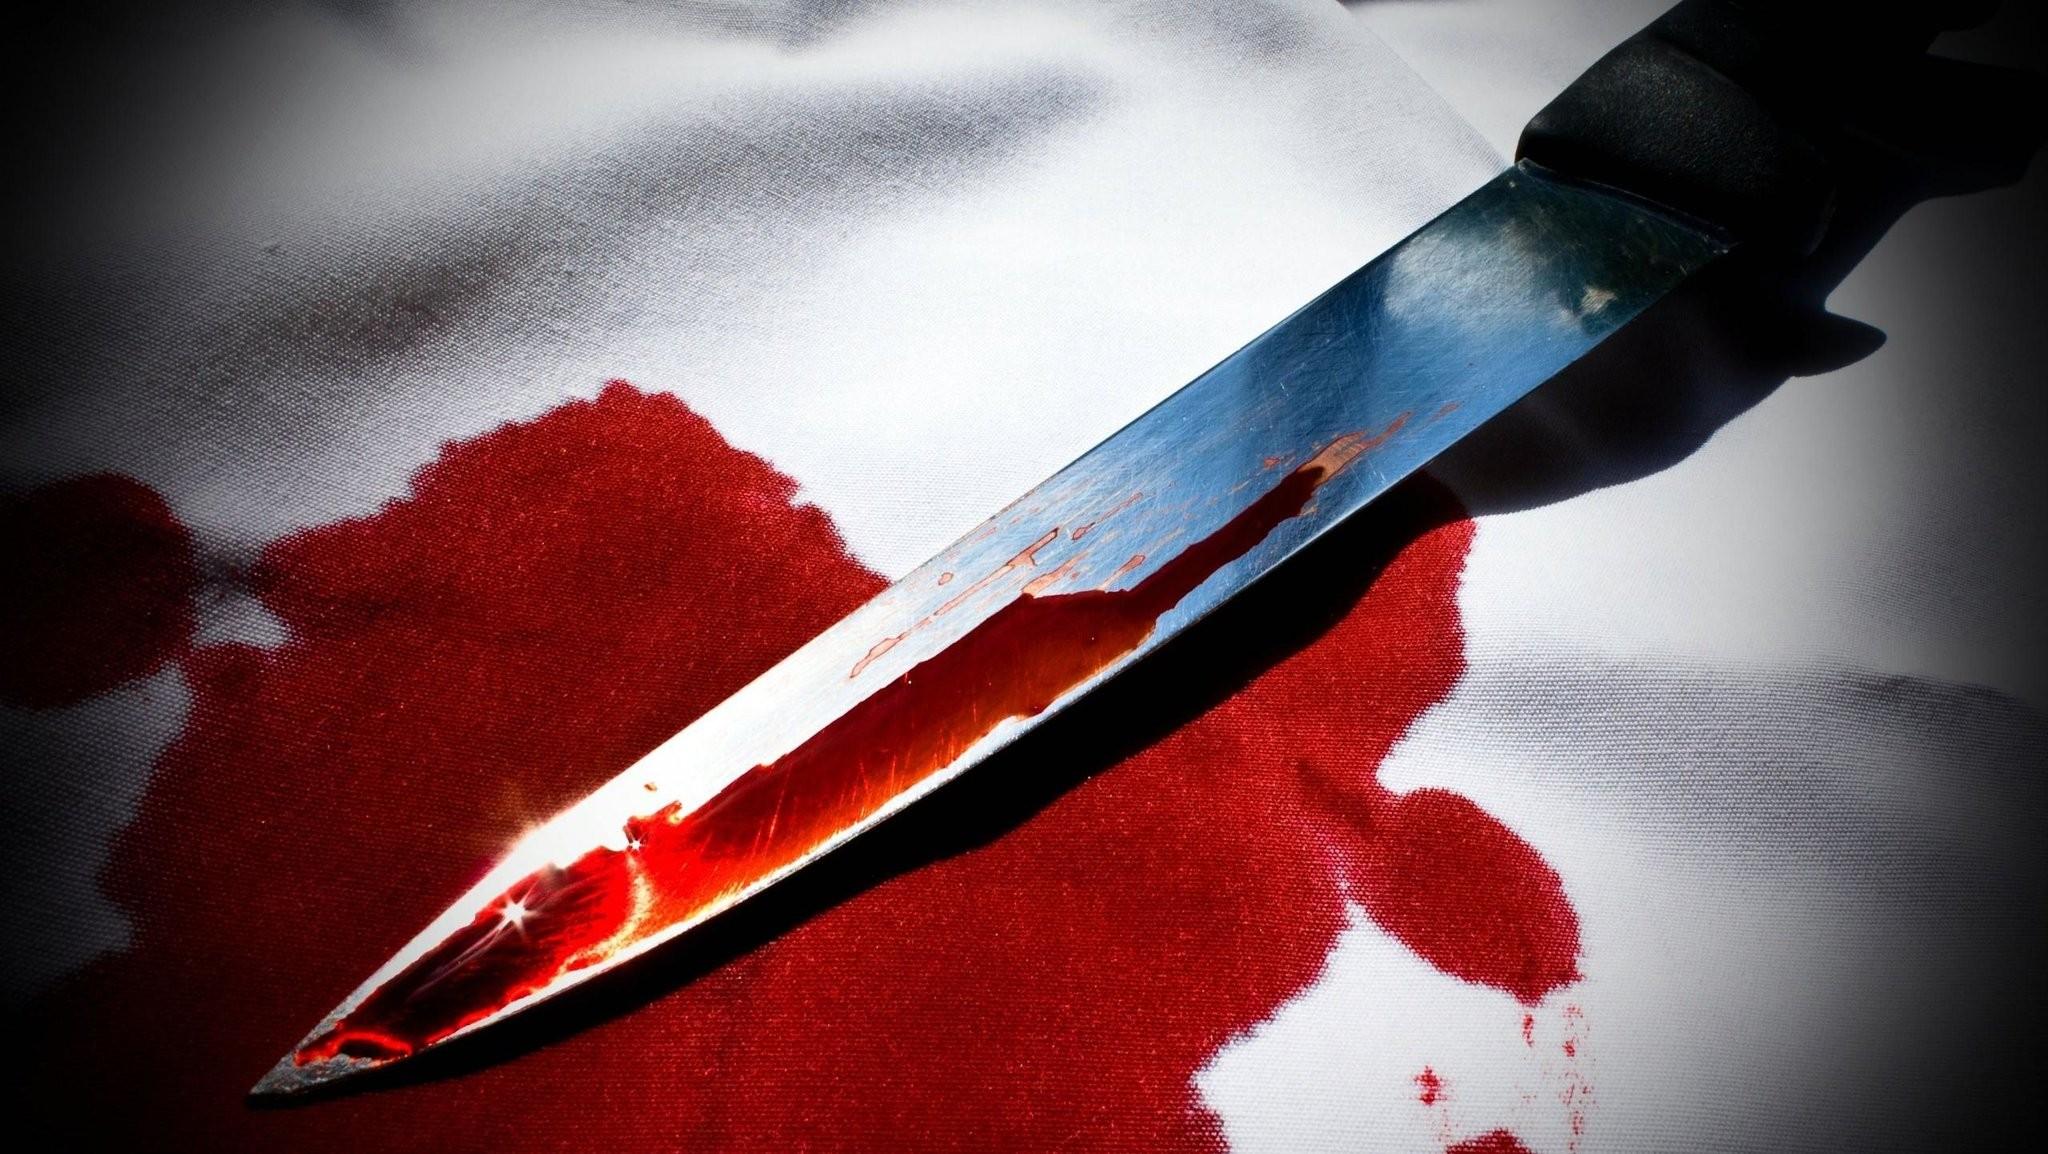 ВПензе молодая женщина «пырнула» ножом вголову своего мужа